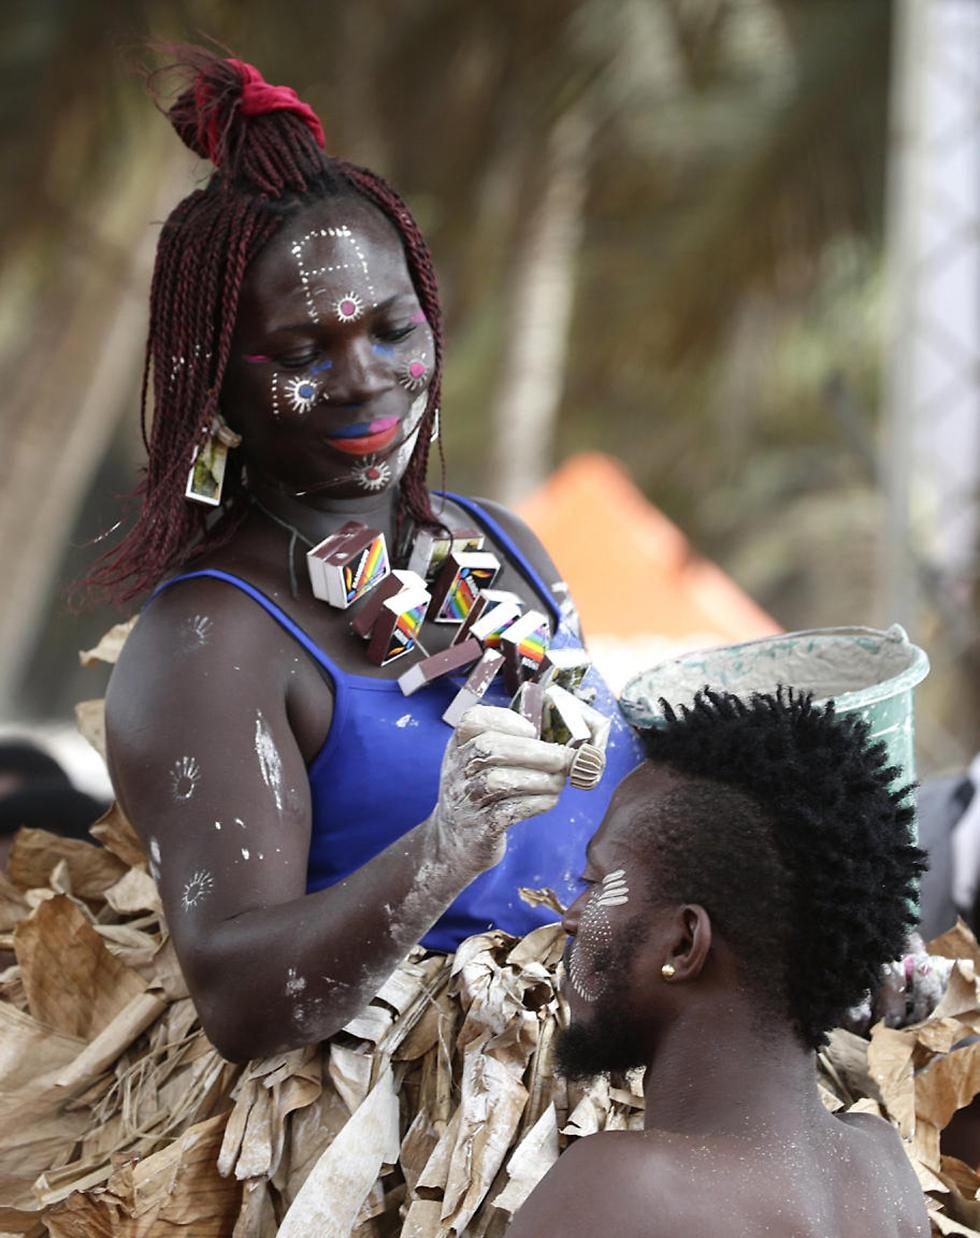 הכנות לפסטיבל אביסה לדמוקרטיה וצדק חברתי בחוף השנהב (צילום: EPA) (צילום: EPA)